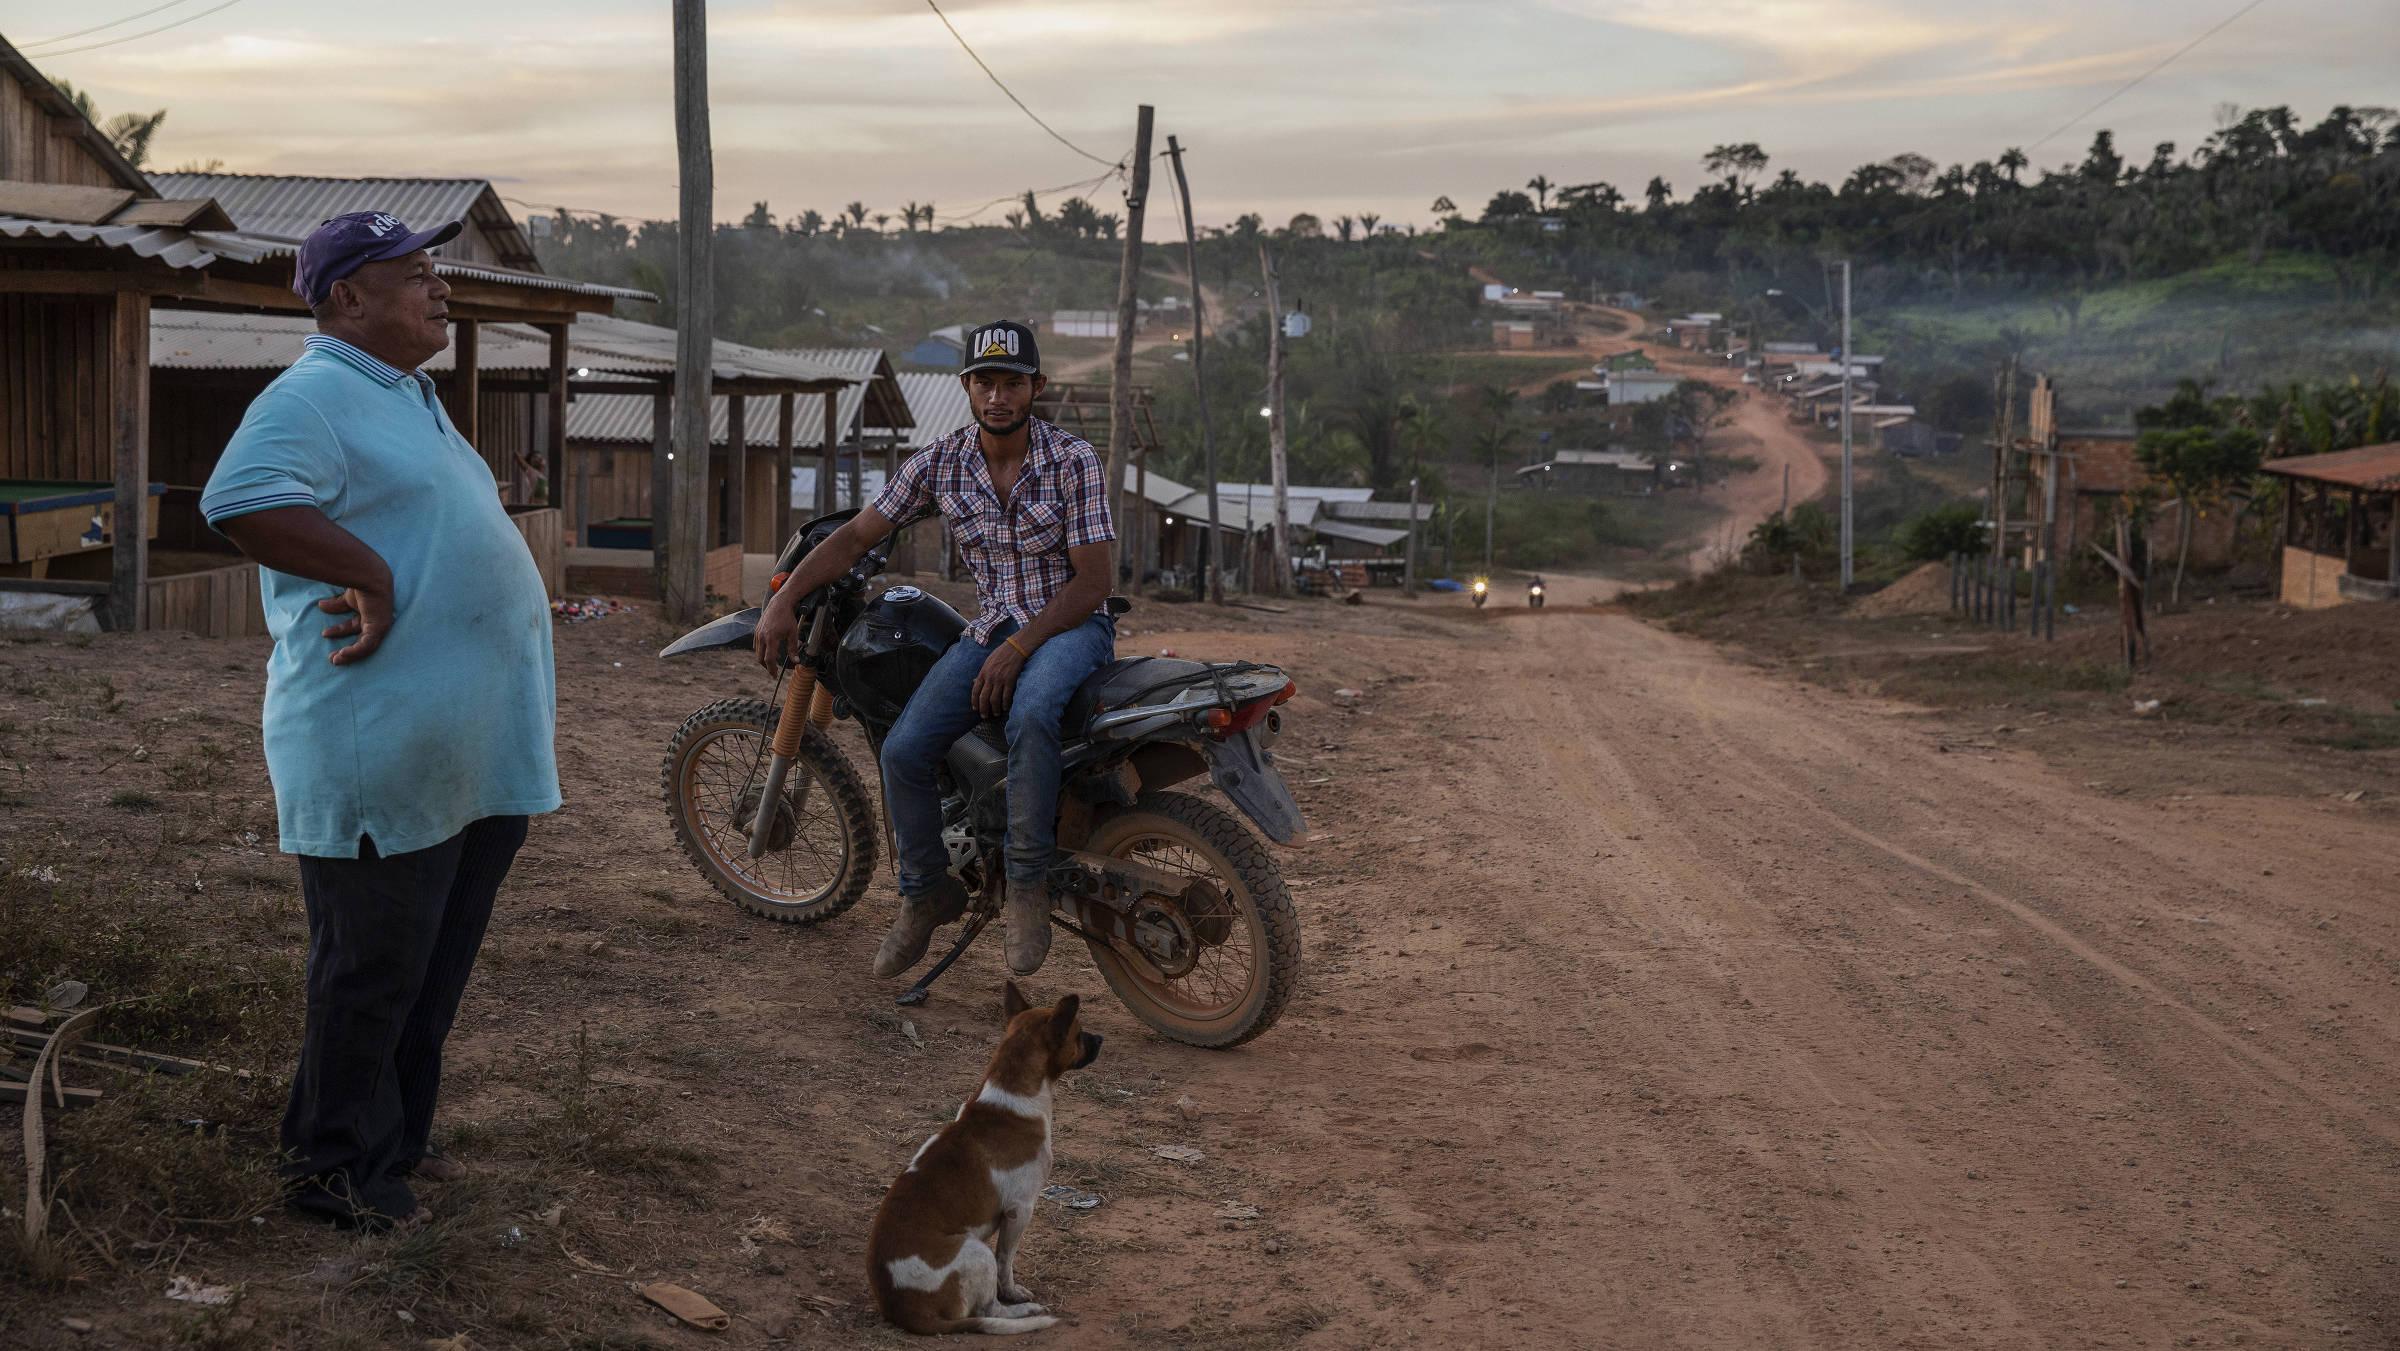 Moradores da conversam na rua principal da Vila Renascer, formada por invasores dentro da Terra Indígena Apyterewa, no Pará